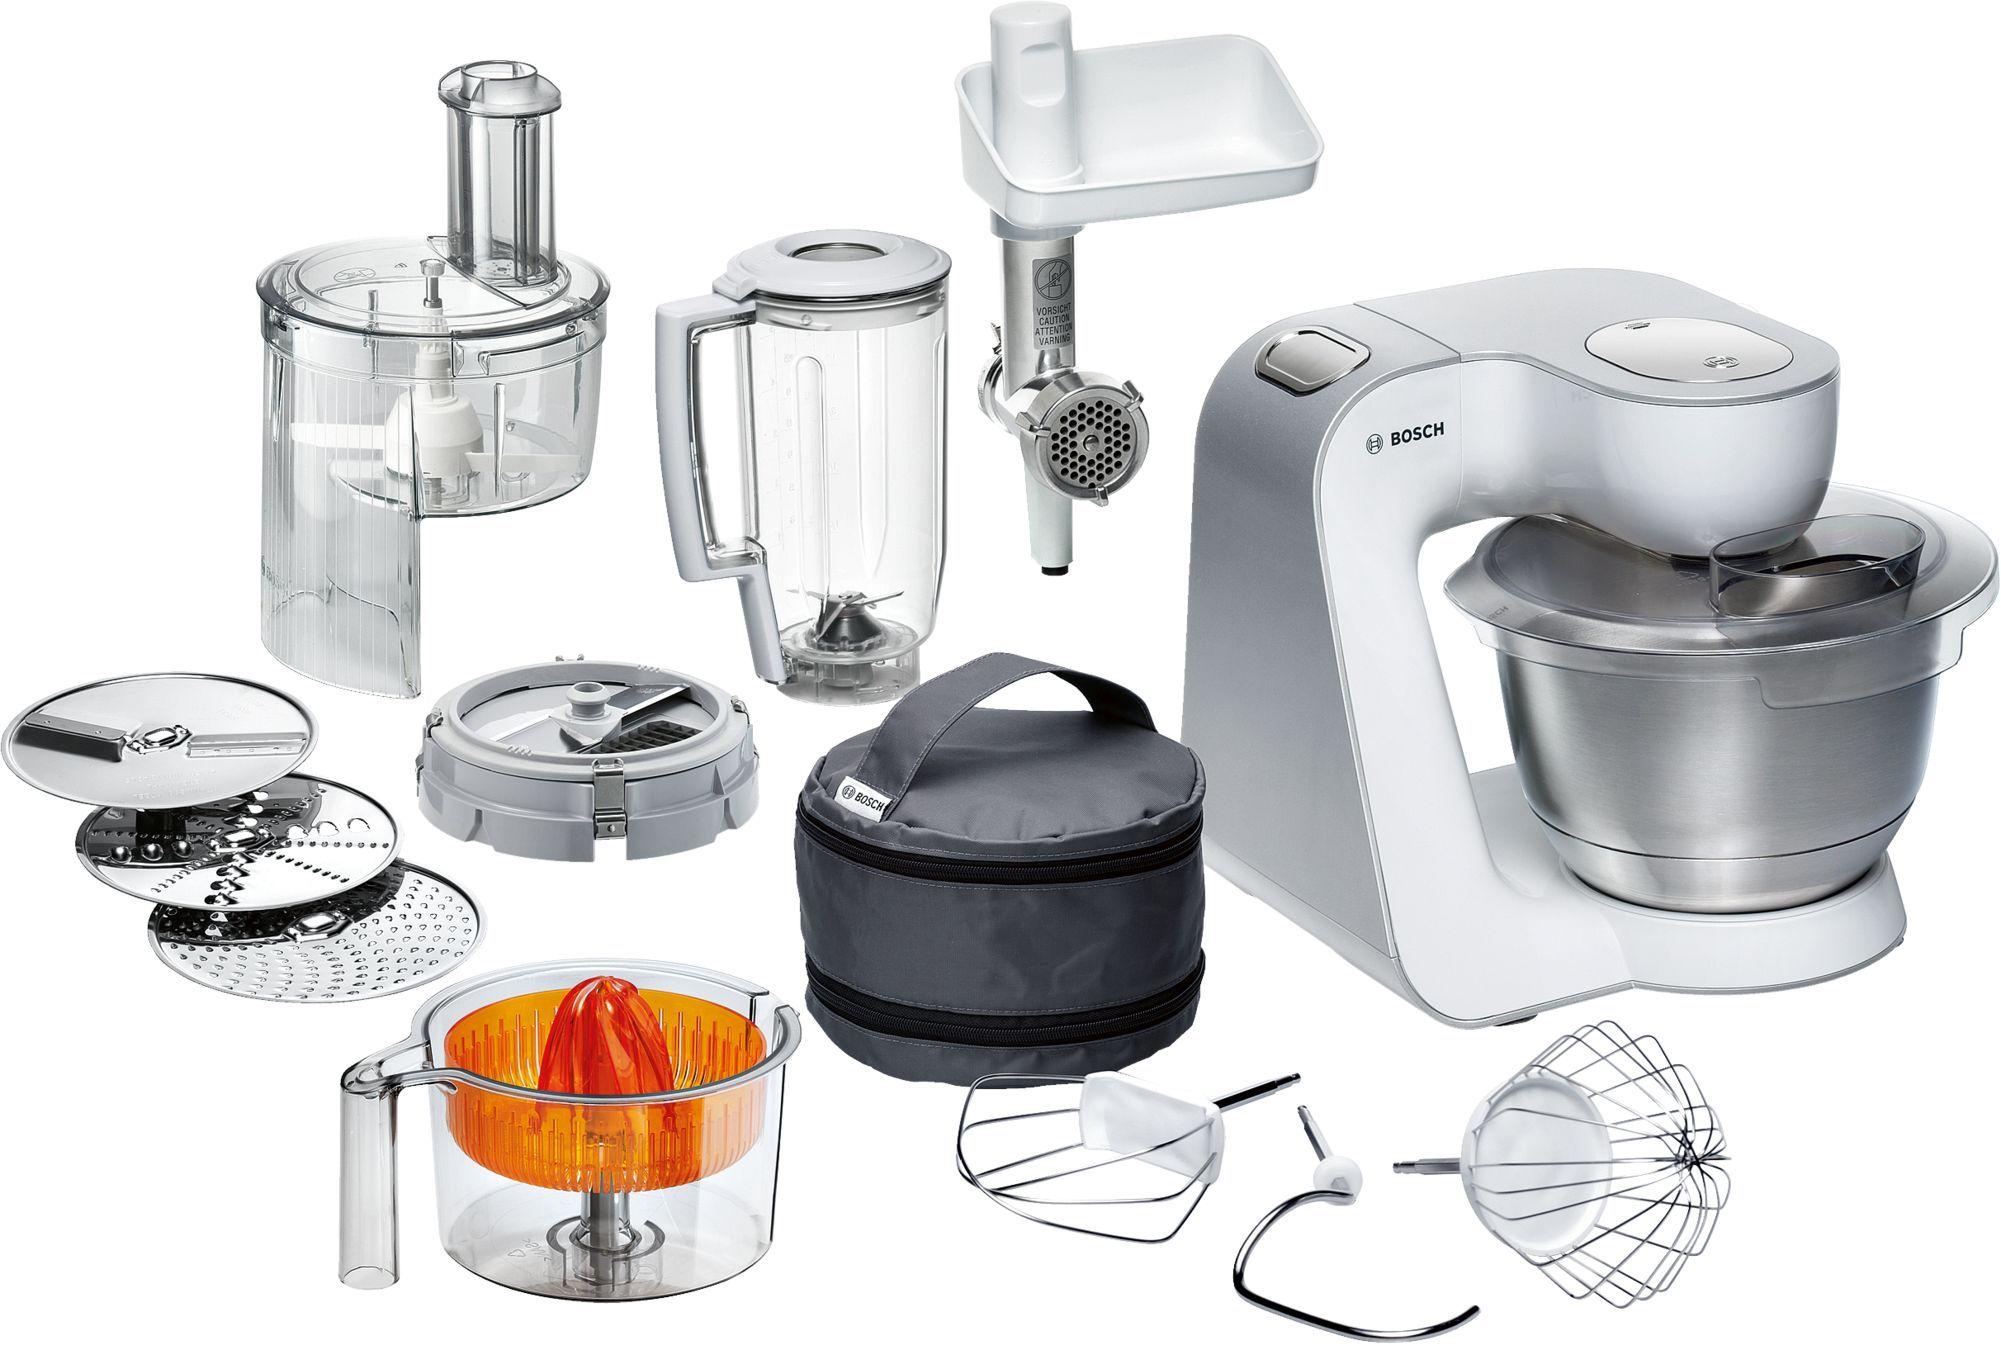 Bosch Mum54251 Kuchenmaschine In 2020 Kuchenmaschine Bosch Mum Kuchenmaschine Bosch Mum